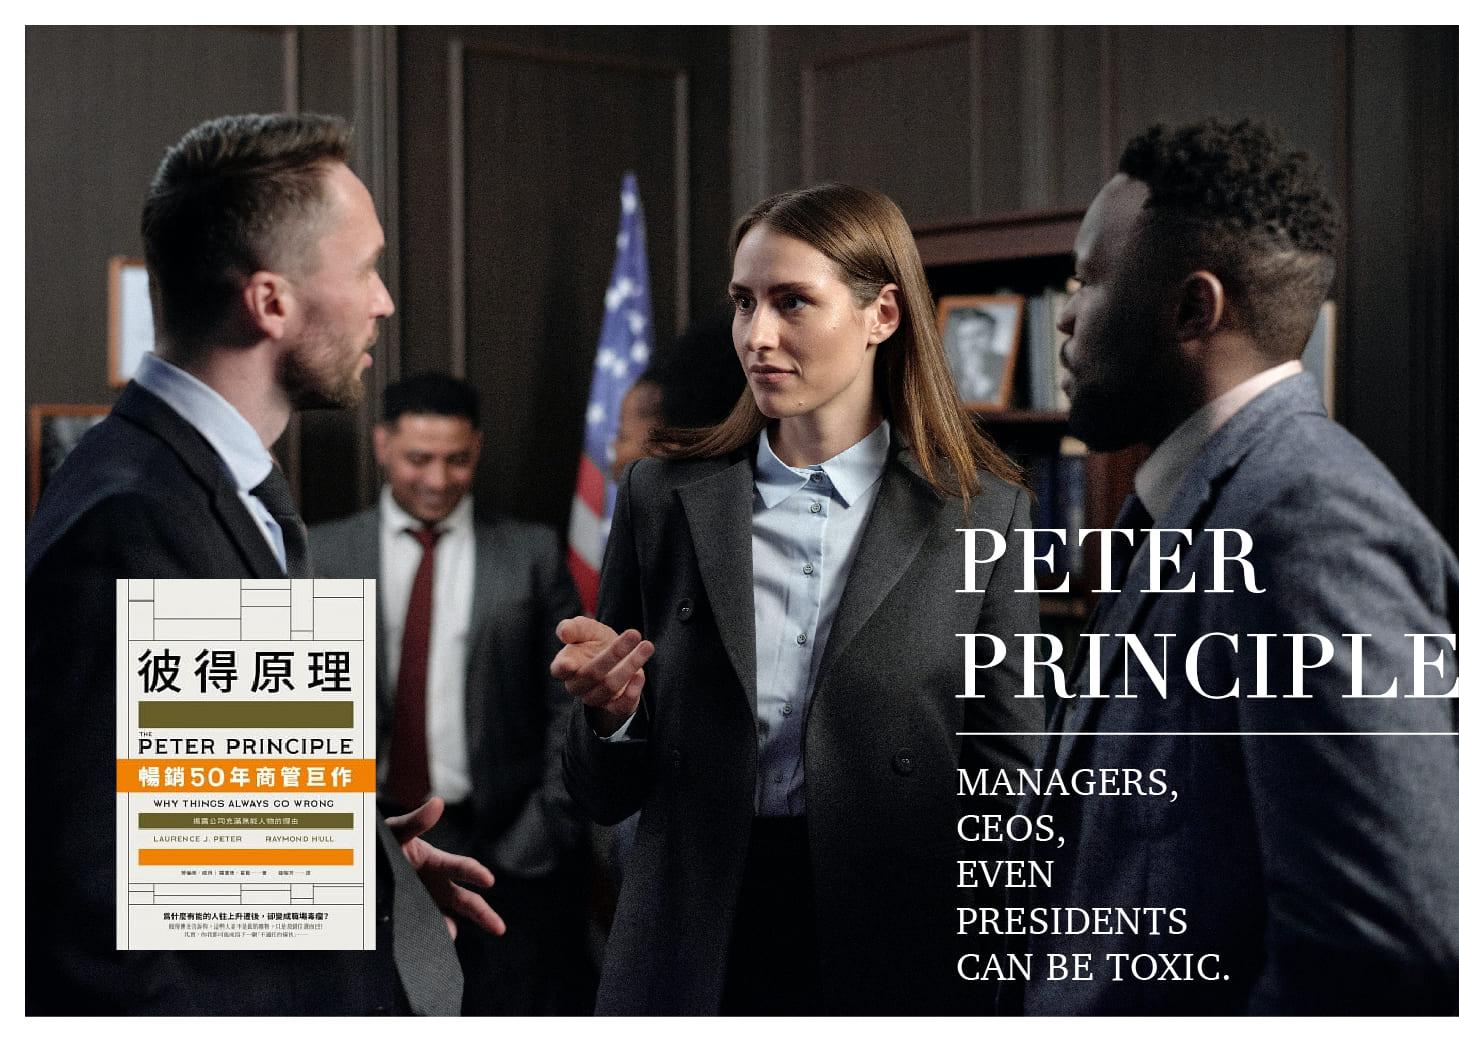 《彼得原理》告訴你!不適任現象遍佈全球 老闆、總統也淪為職場害蟲?